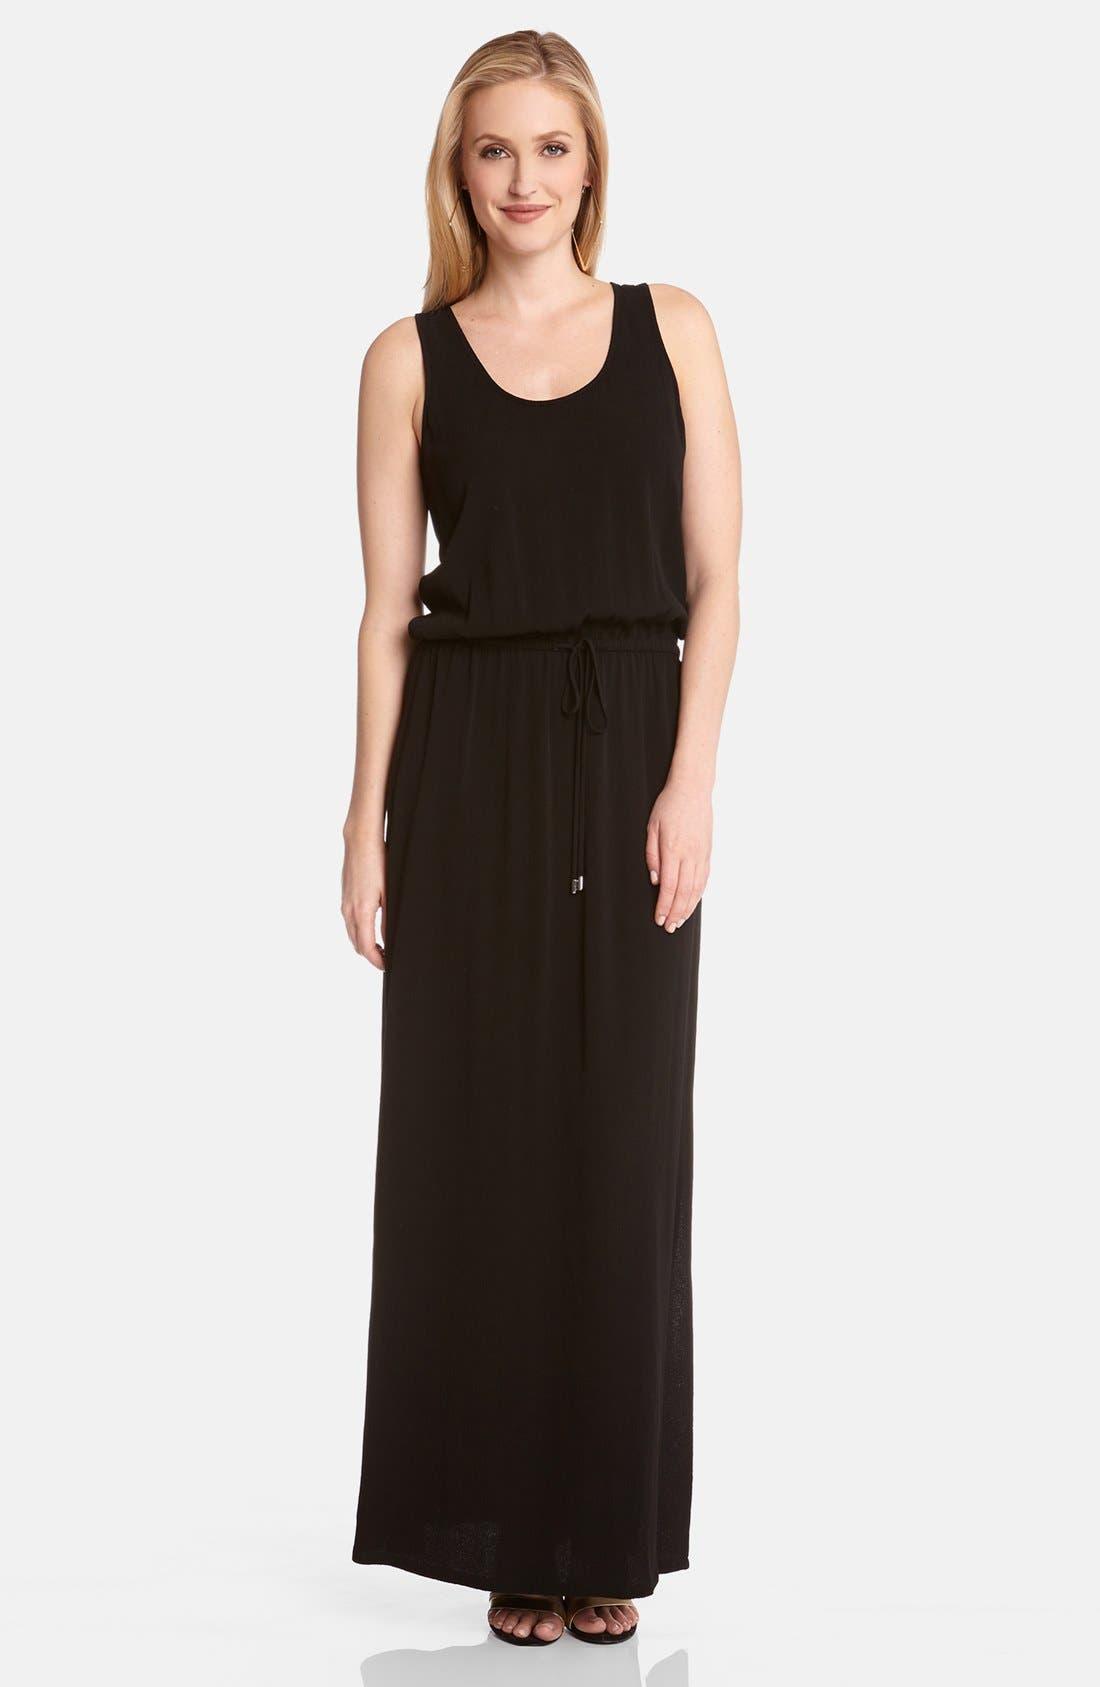 Alternate Image 1 Selected - Karen Kane Drawstring Waist Maxi Dress